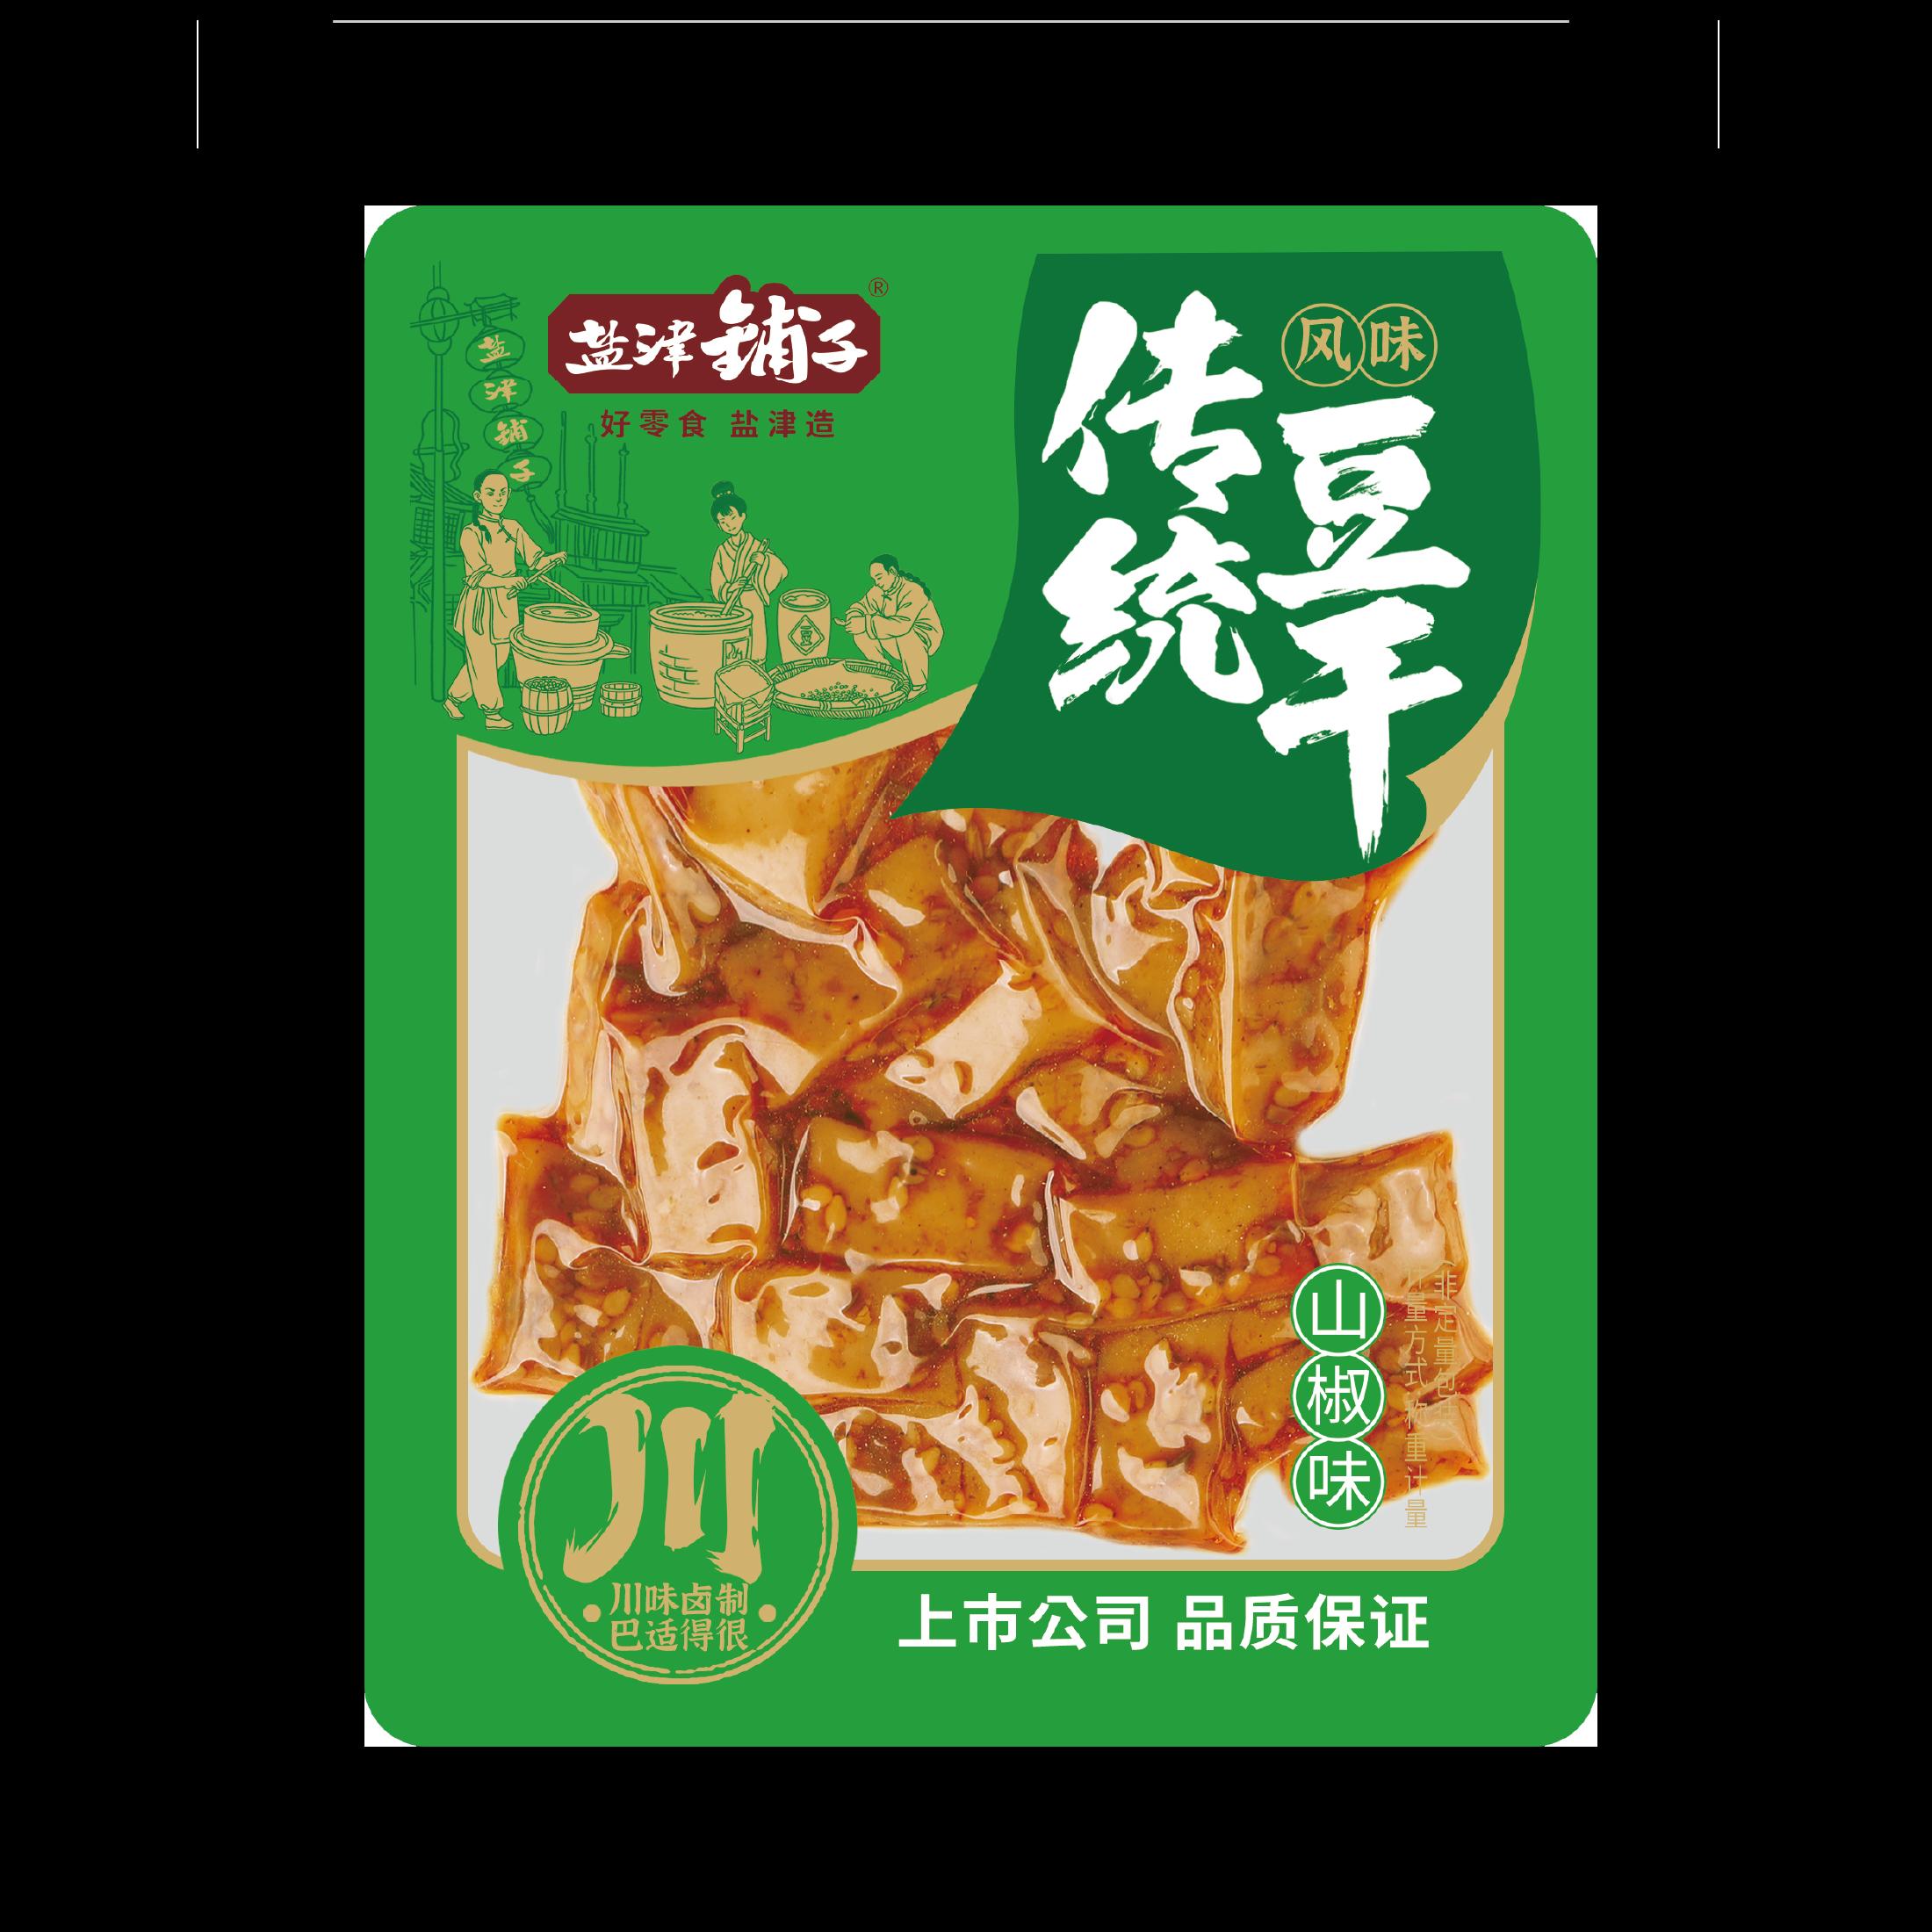 传统风味豆干-山椒味